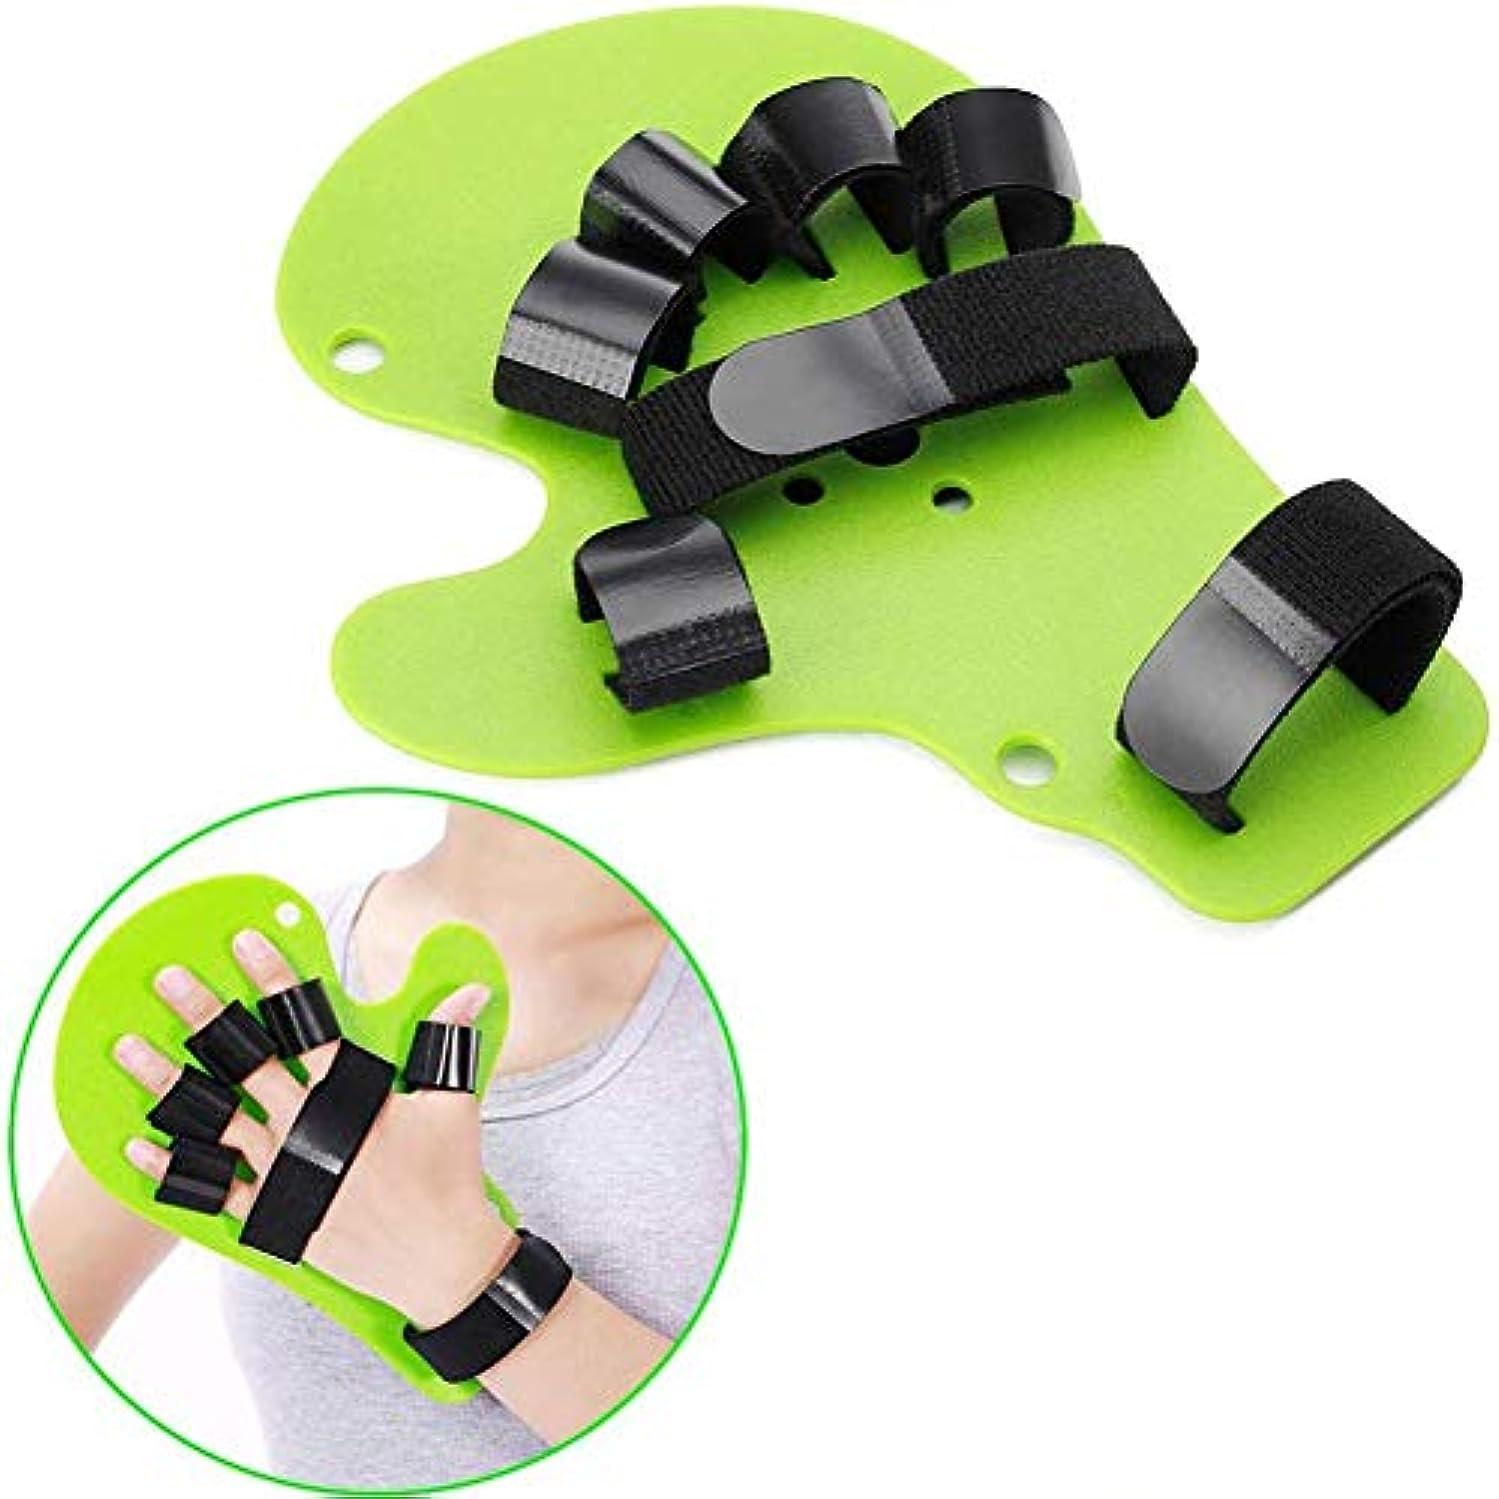 旋律的バインド鋸歯状フィンガースプリントフィンガーボードフィンガーセパレーター,セパレータ、指の指セパレーターインソールフィンガー、関節炎、腱炎、手術、脱臼、捻挫、繰り返しの使用にも役立ちます(フィット右または左の手)